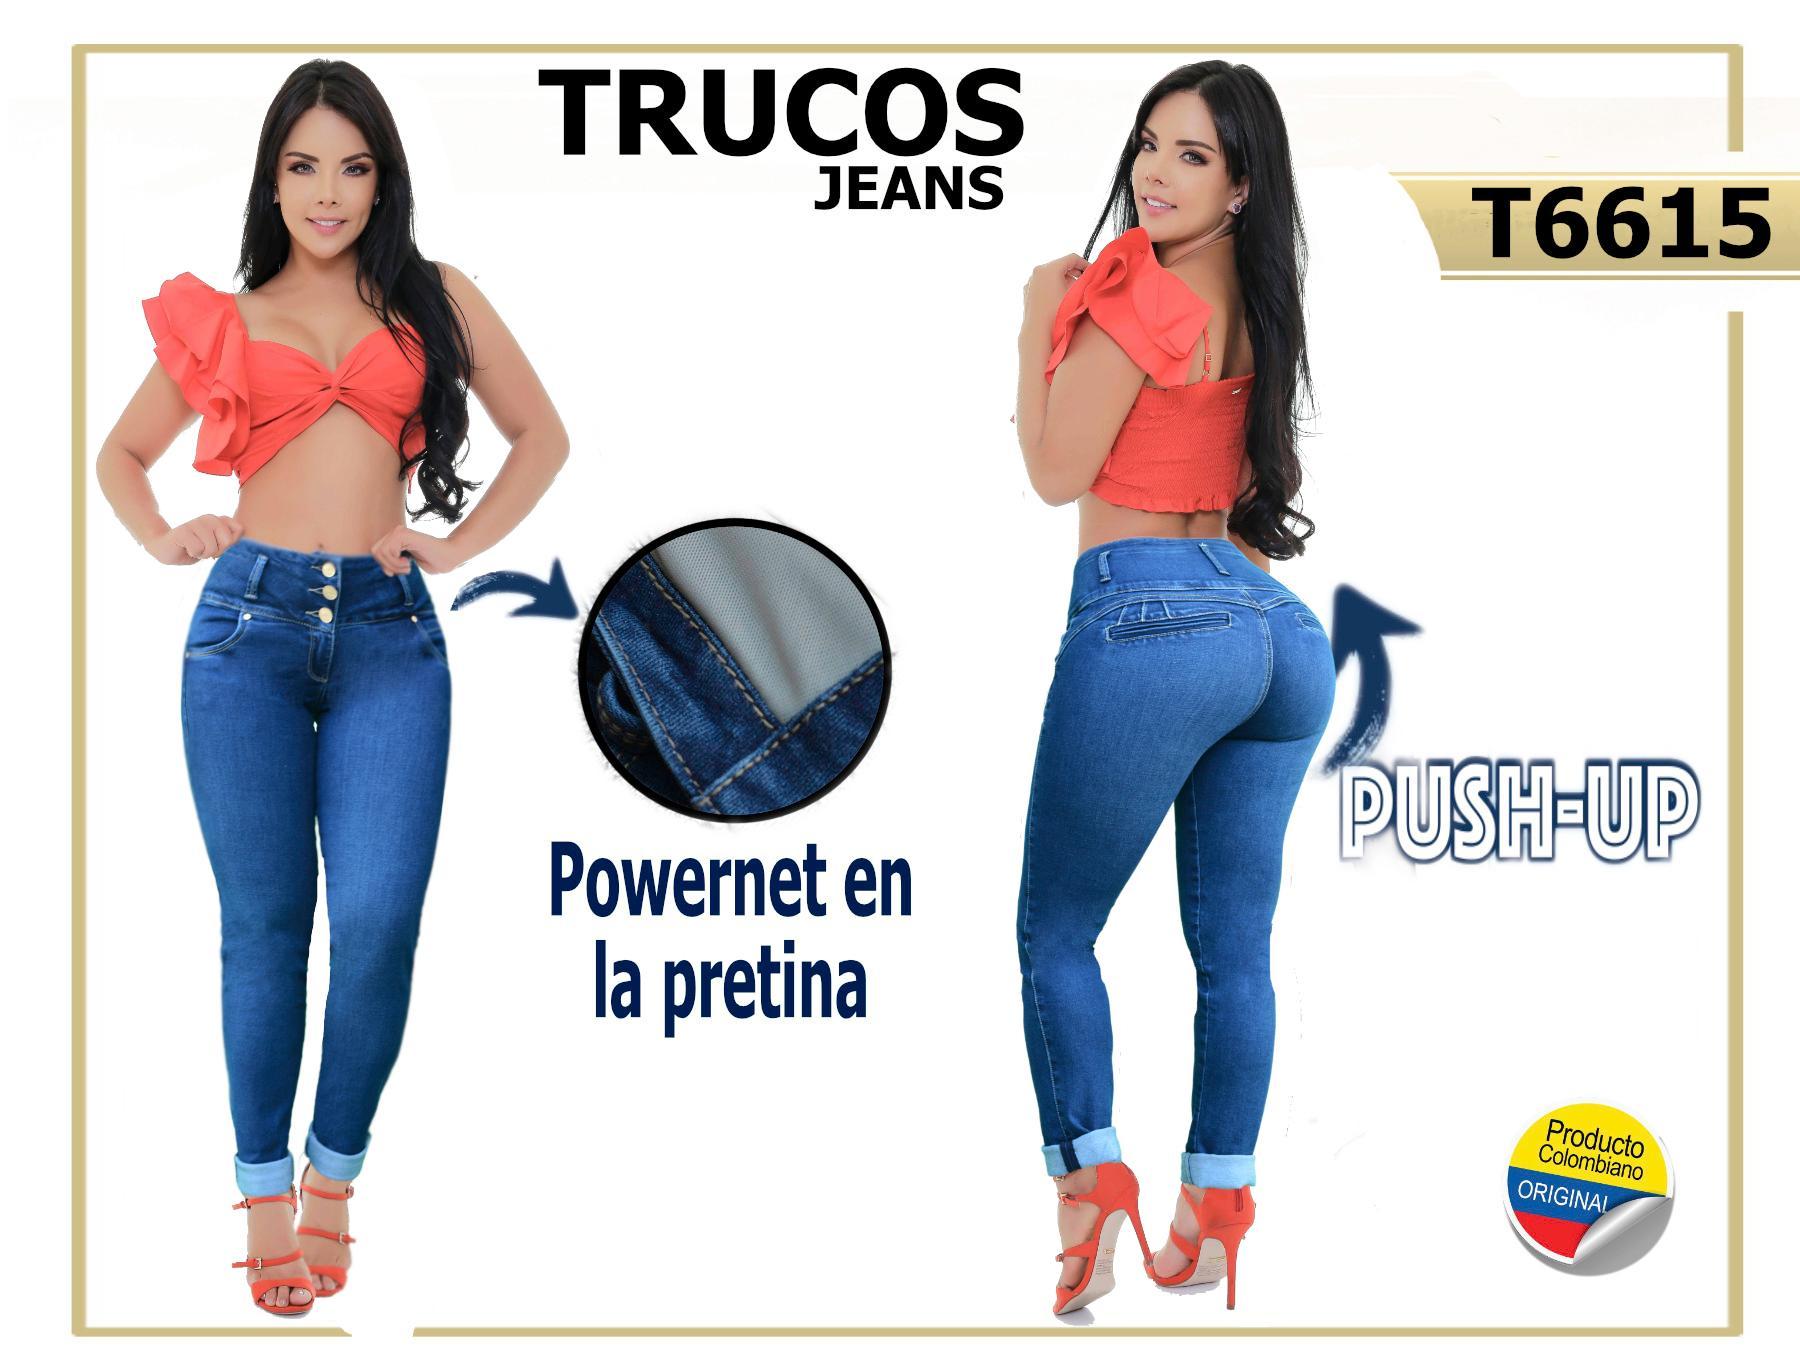 Jeans Colombianos de Moda Vaqueros con Faja Interna